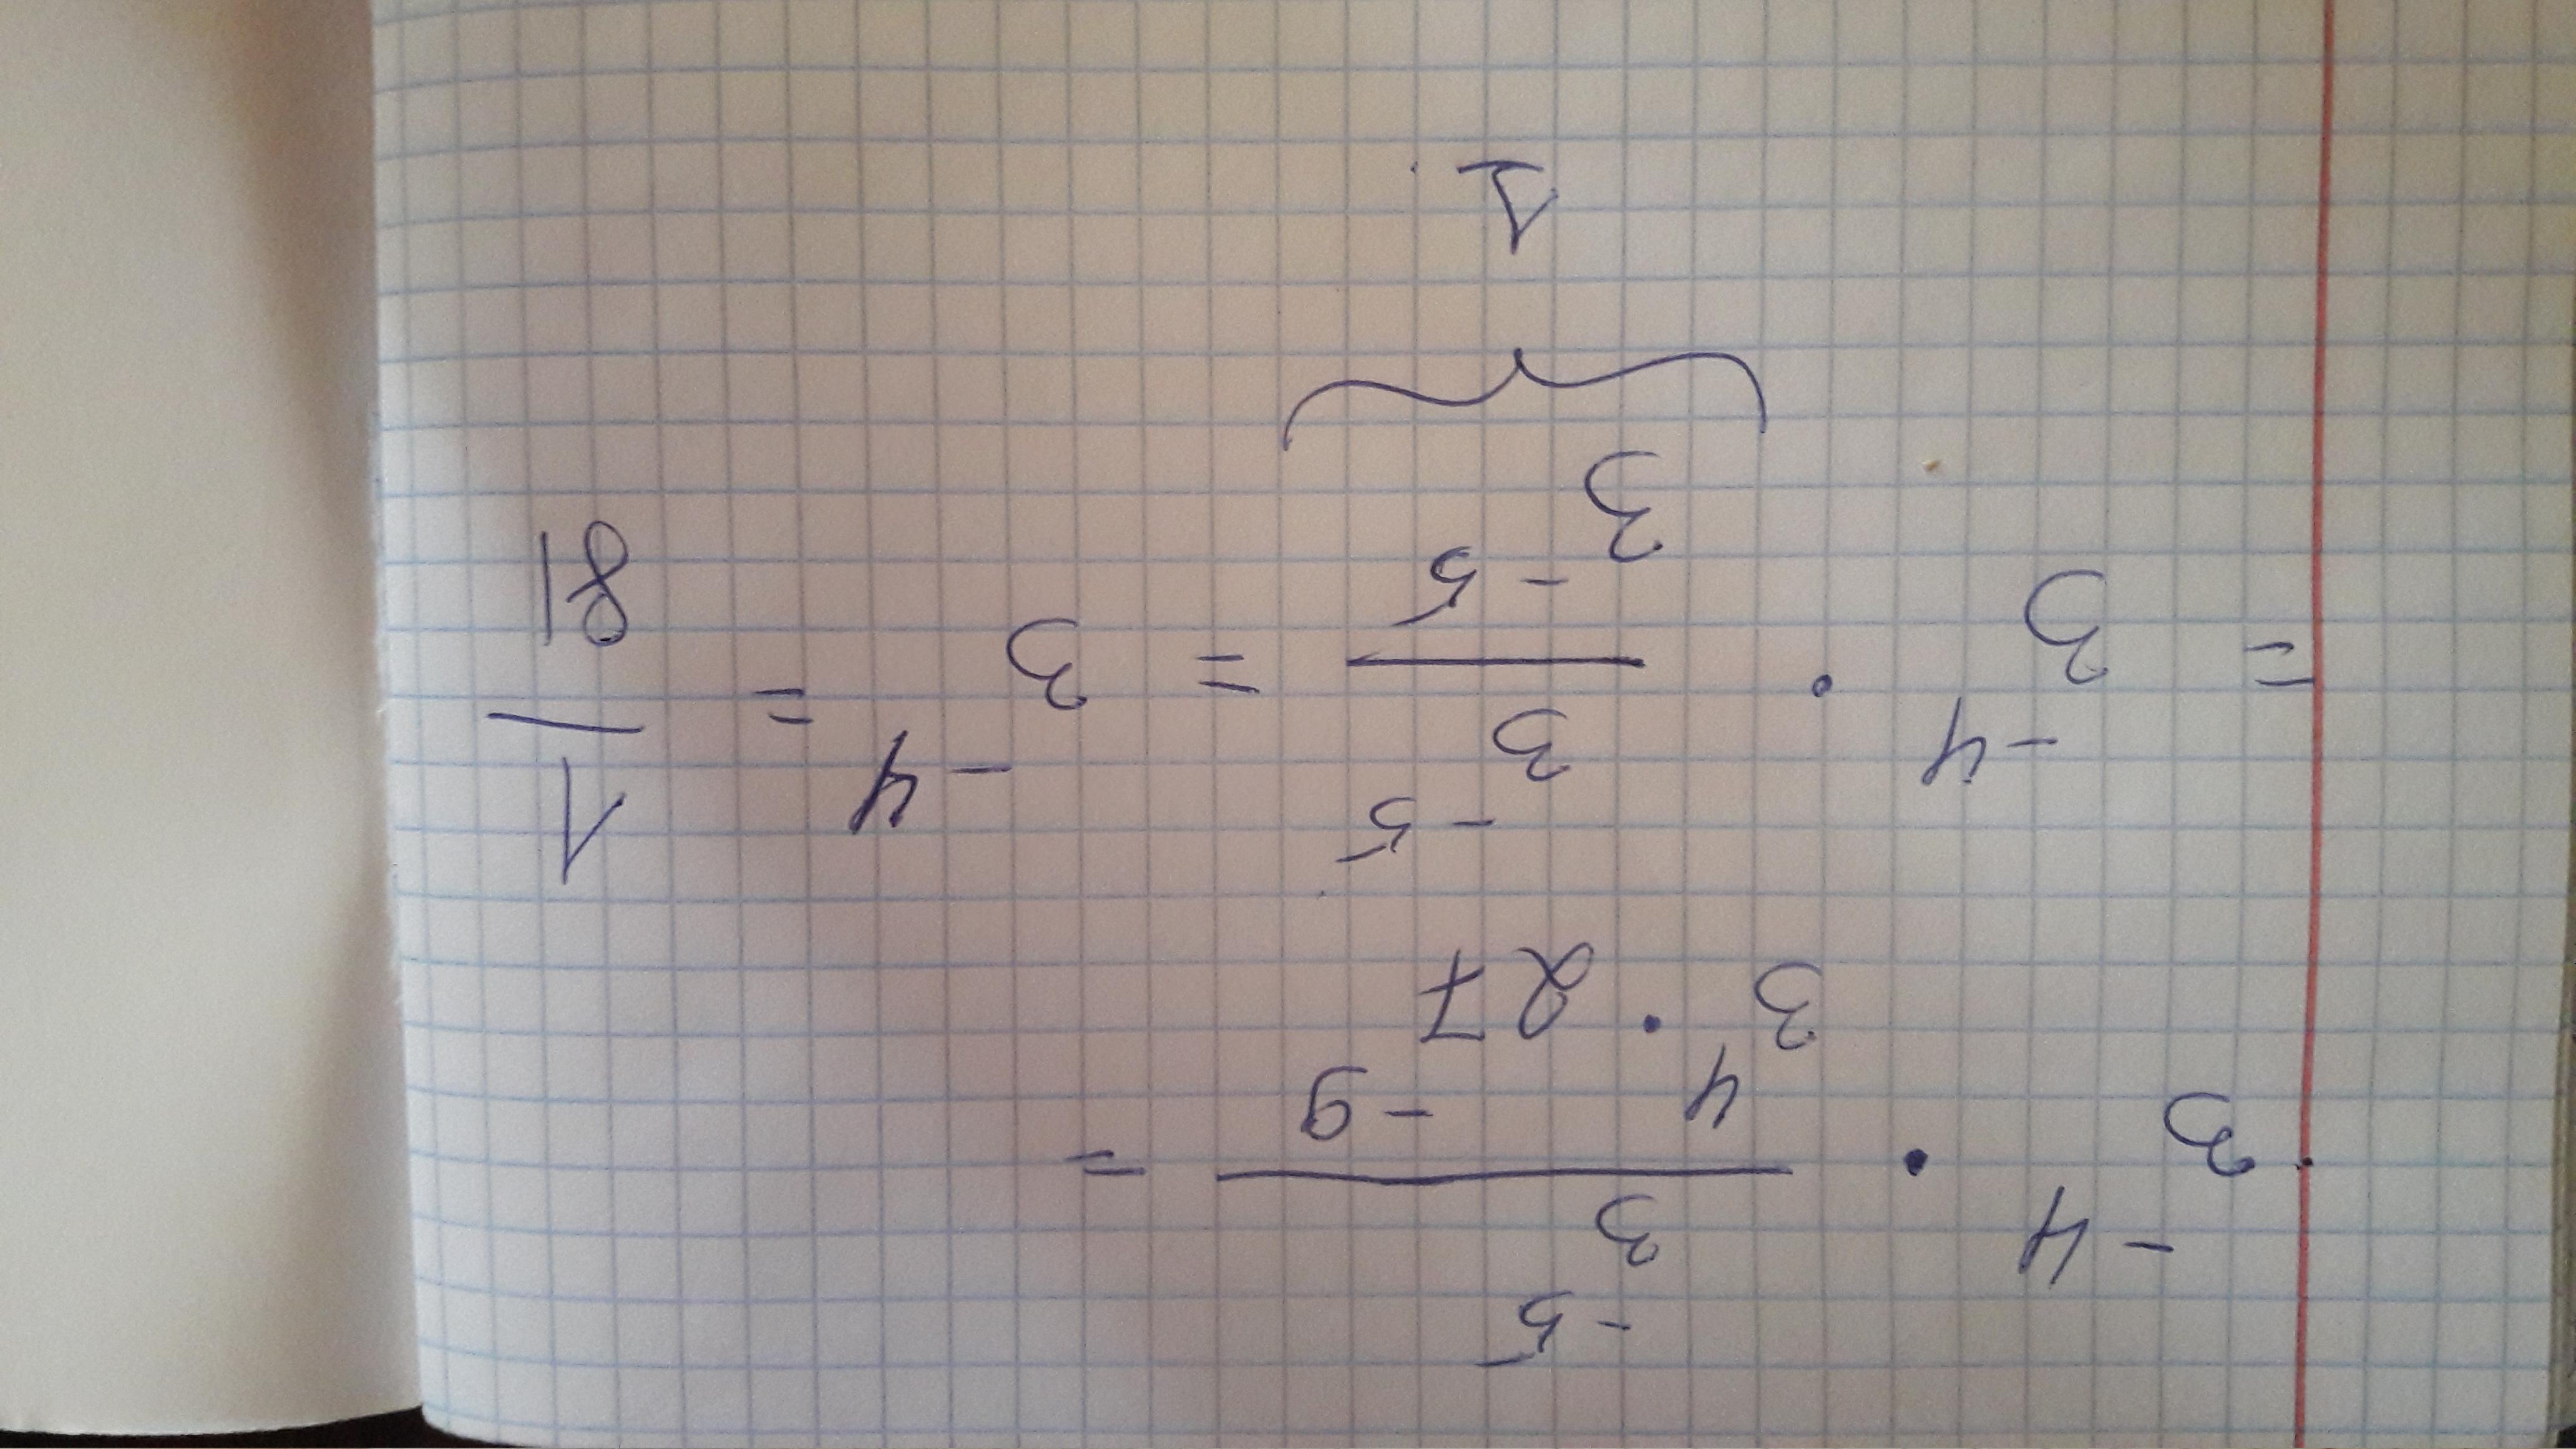 Если запись правильная,то так. в общем тогда 9^-2 можно сраз